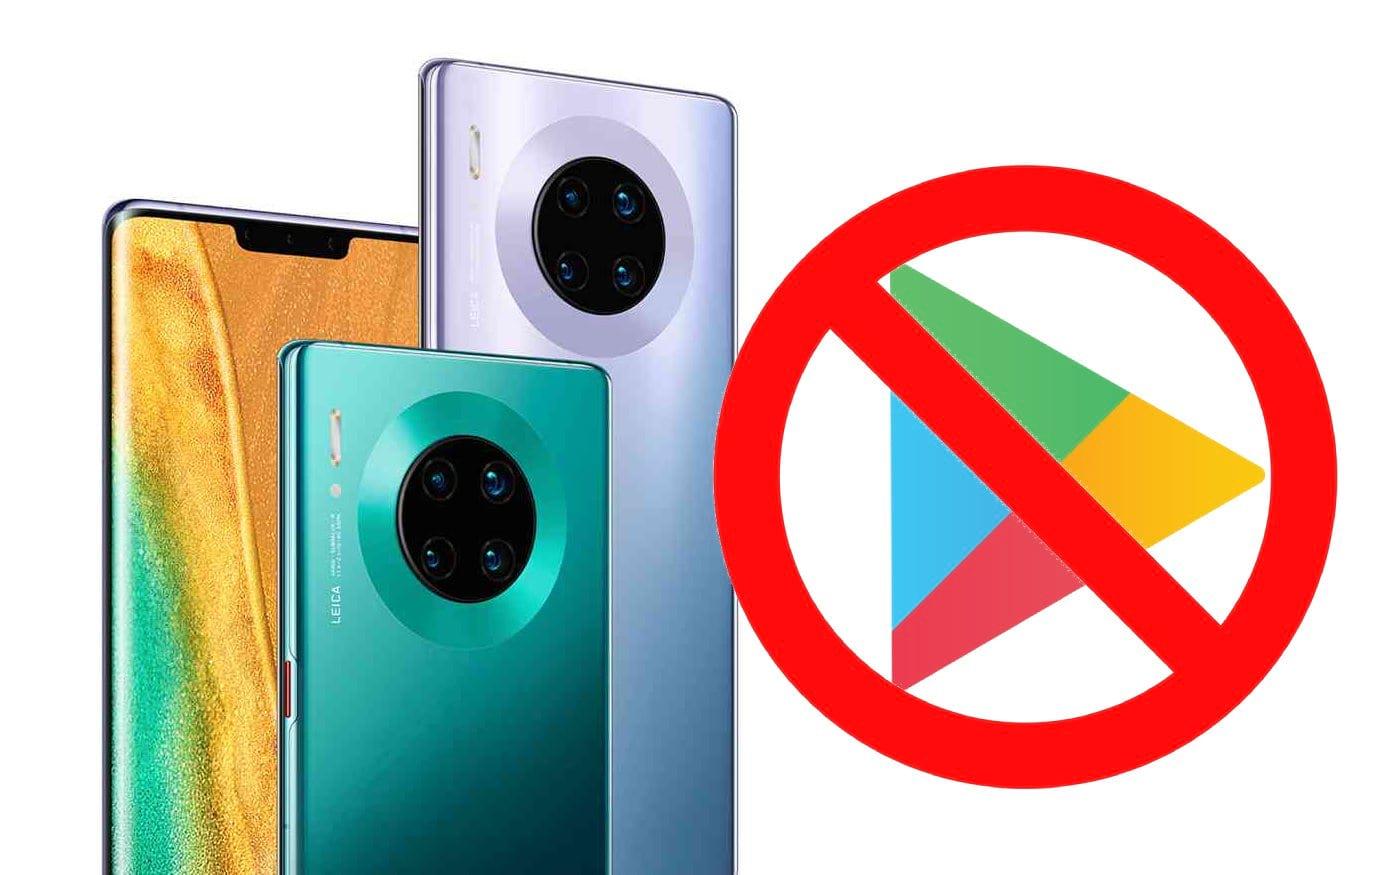 Huawei Mate 30 sem Play Store: Como isso vai funcionar?